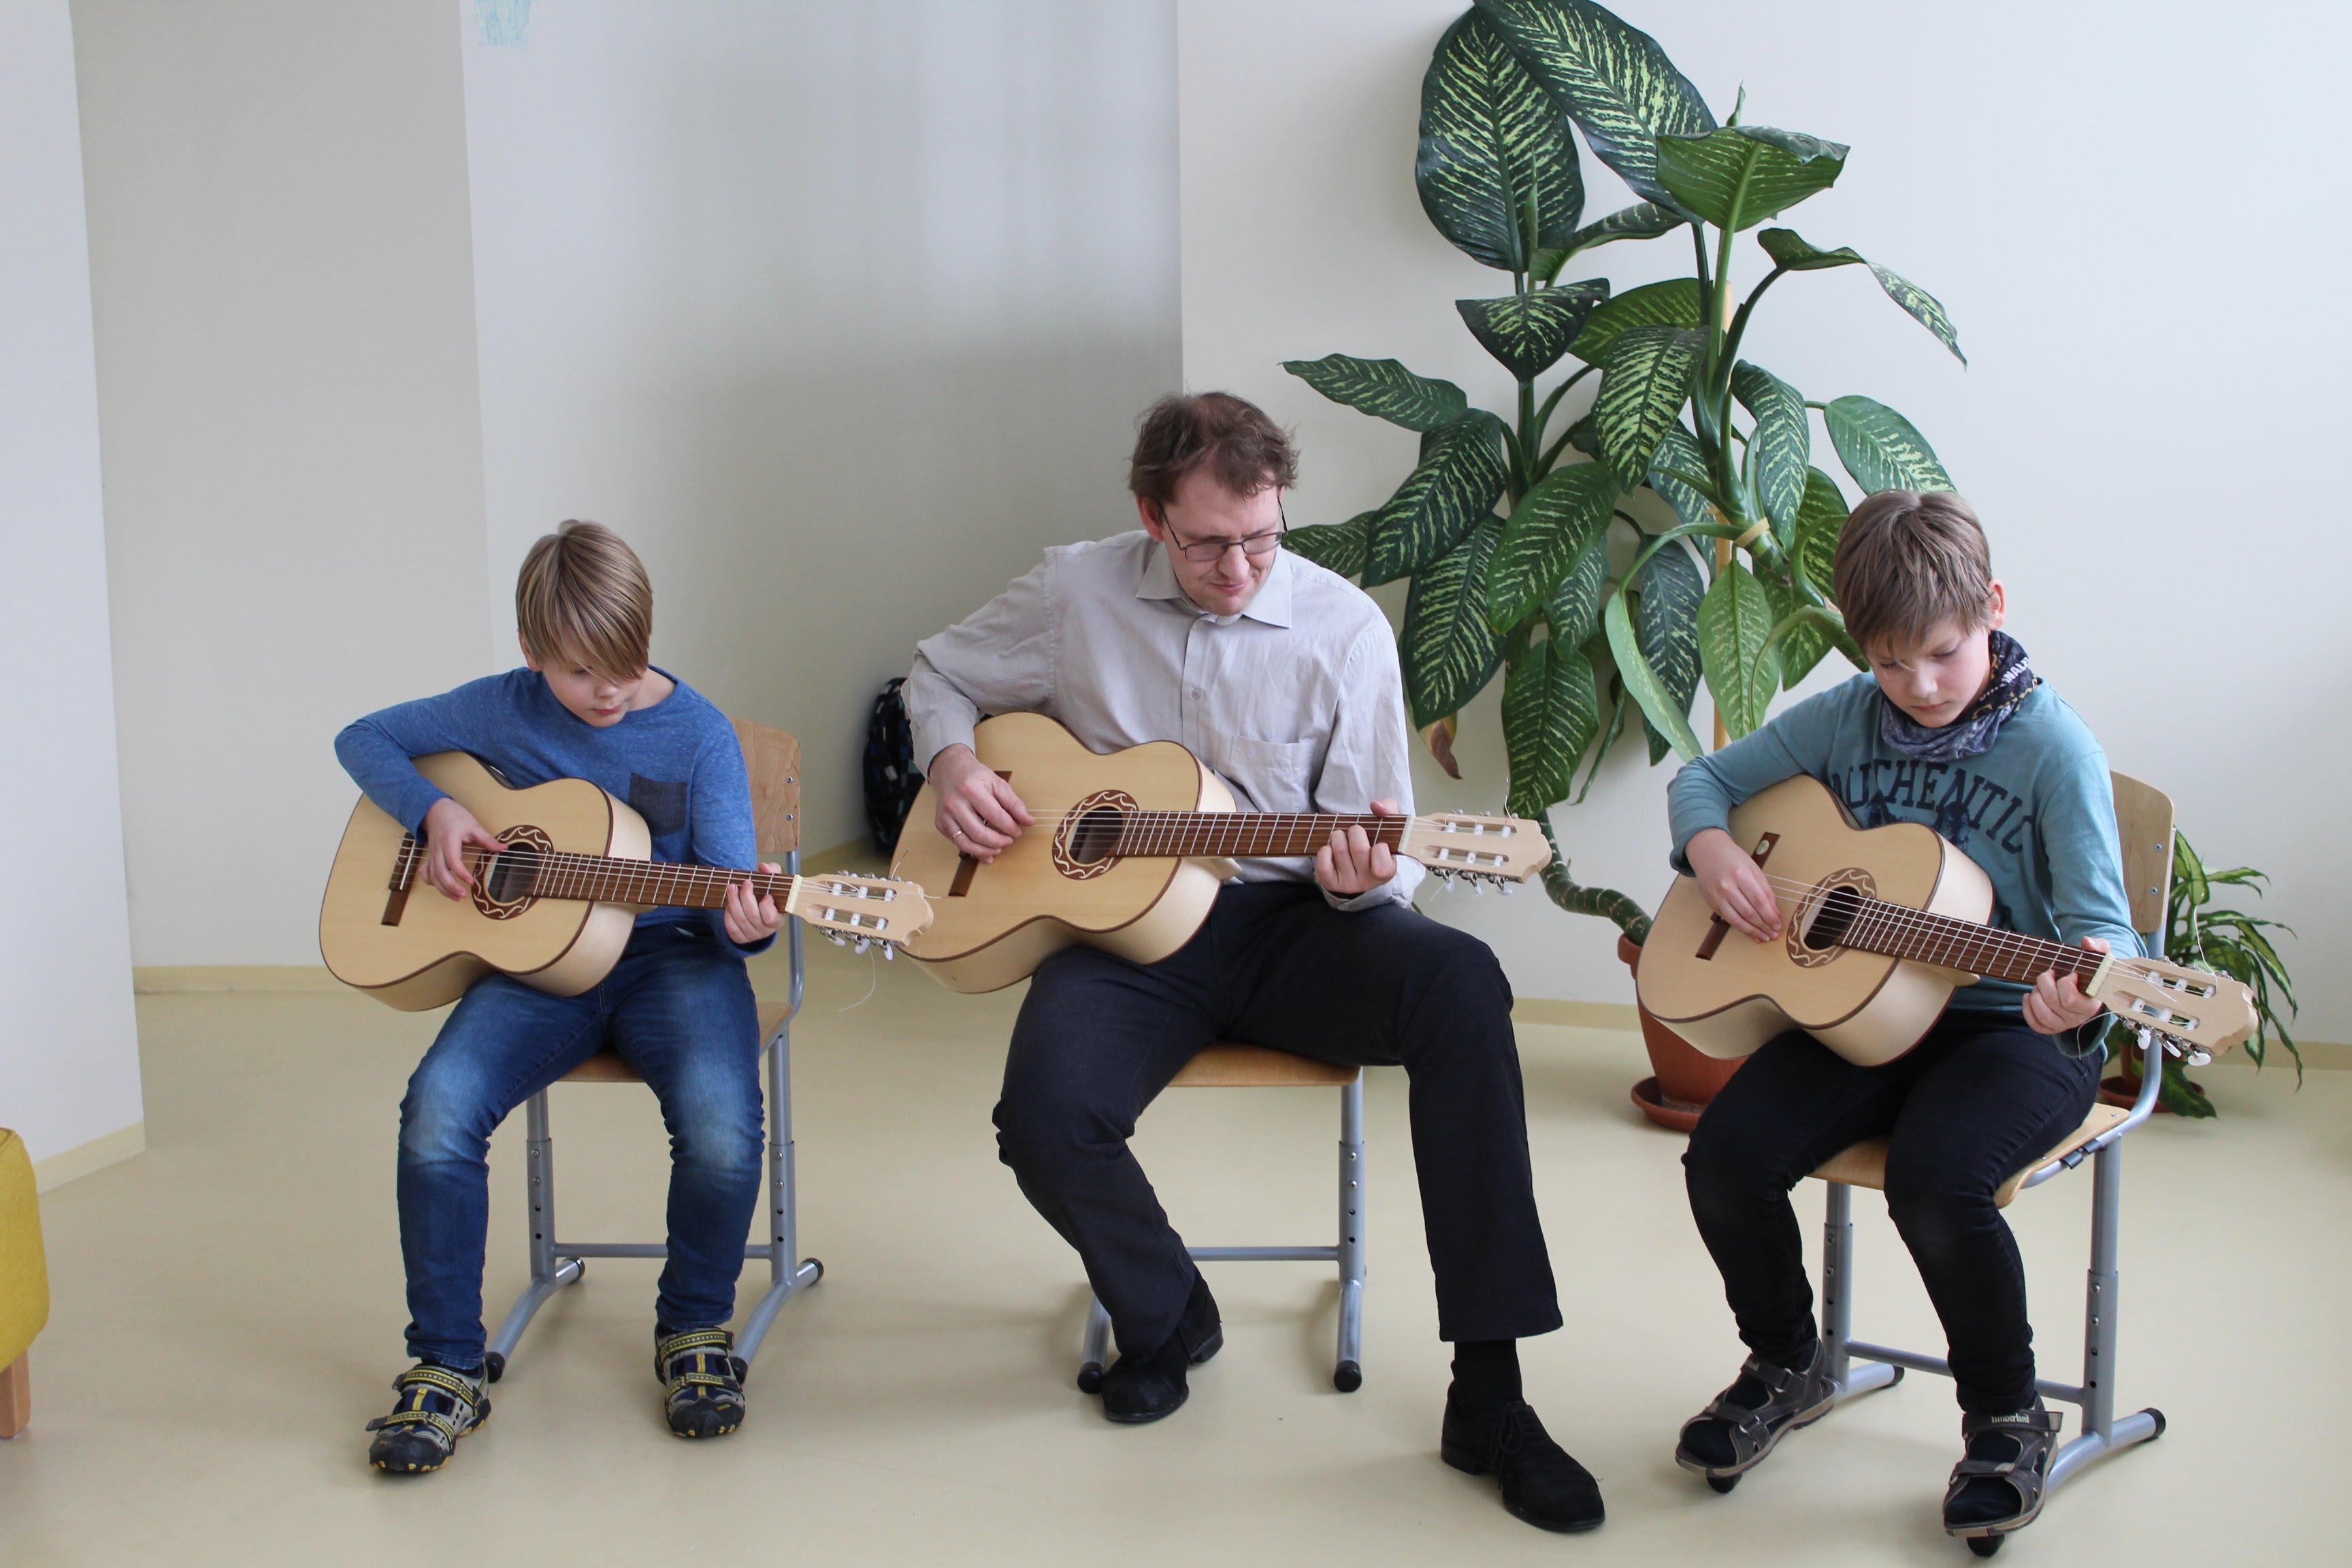 Mait ja Mihkel Kukk koos õpetaja Rolfiga esinemas haridusminister Mailis Repsi külaskäigul Lüllemäe Põhikooli 6.2.2018. Foto: Merli Meresaar